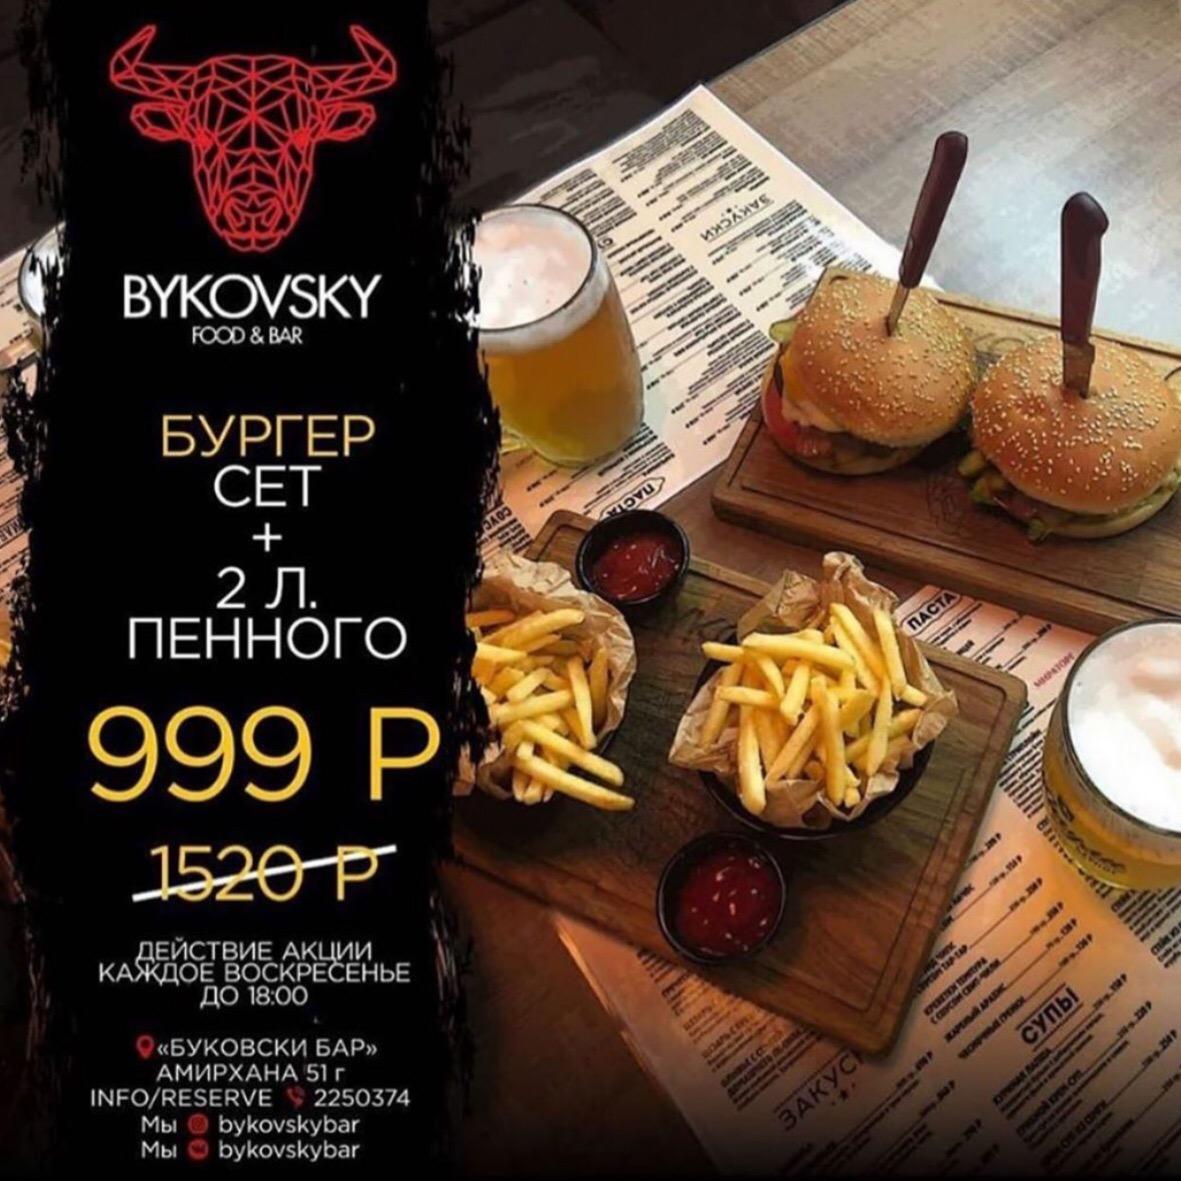 Бар, кафе, ресторан, кальянная, бургерная, паб «BYKOVSKY» - Вконтакте